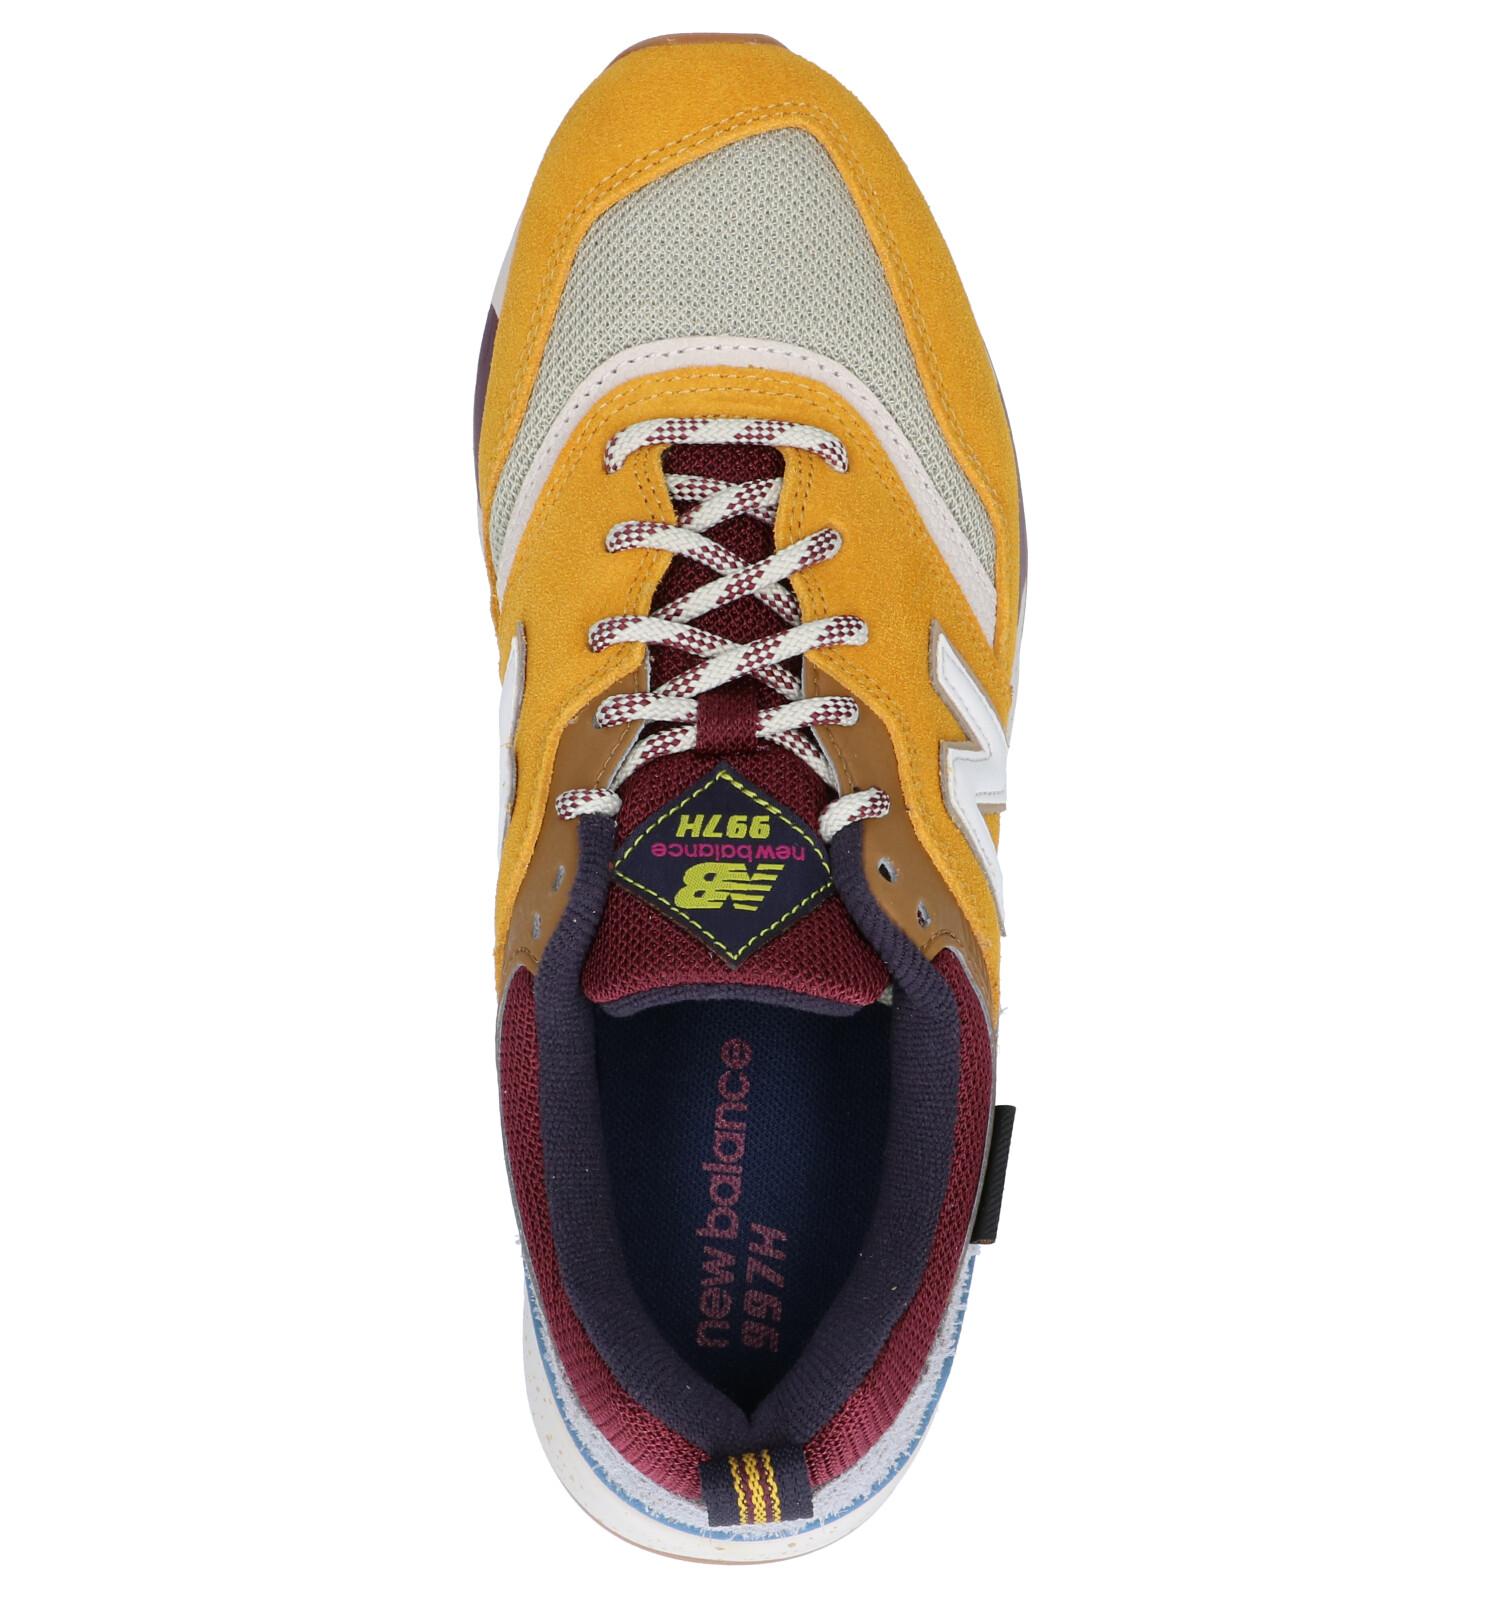 new balance 997h jaune